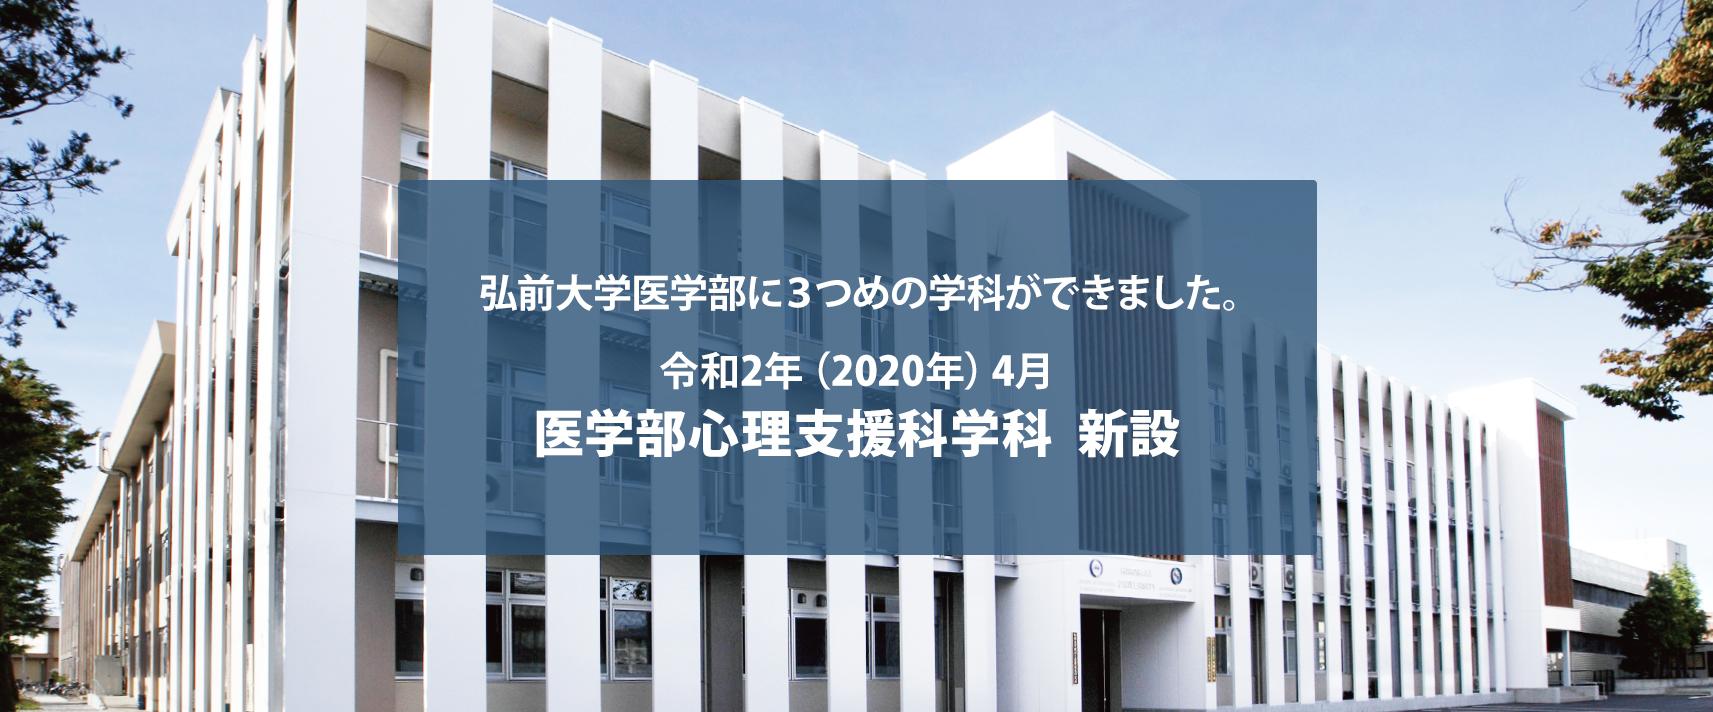 令和2年(2020年)4月 医学部心理支援科学科 新設